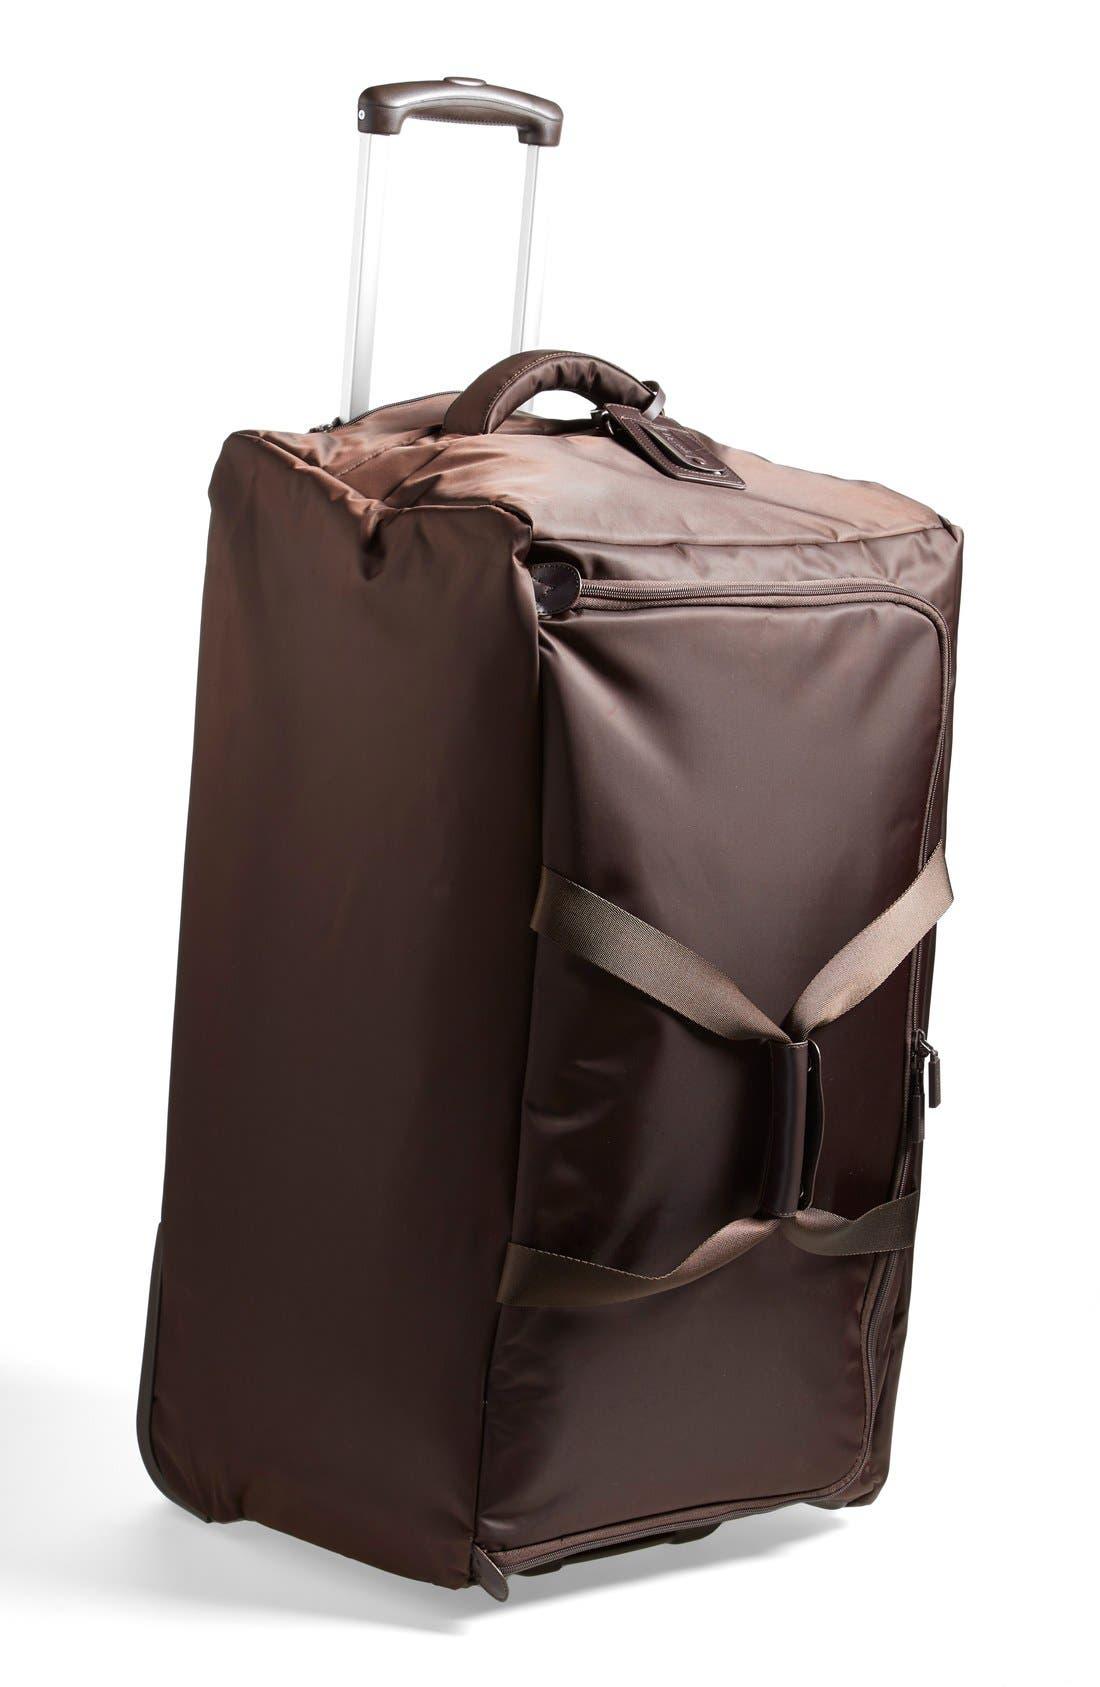 Main Image - LIPAULT Paris Foldable Rolling Duffel Bag (30 Inch)